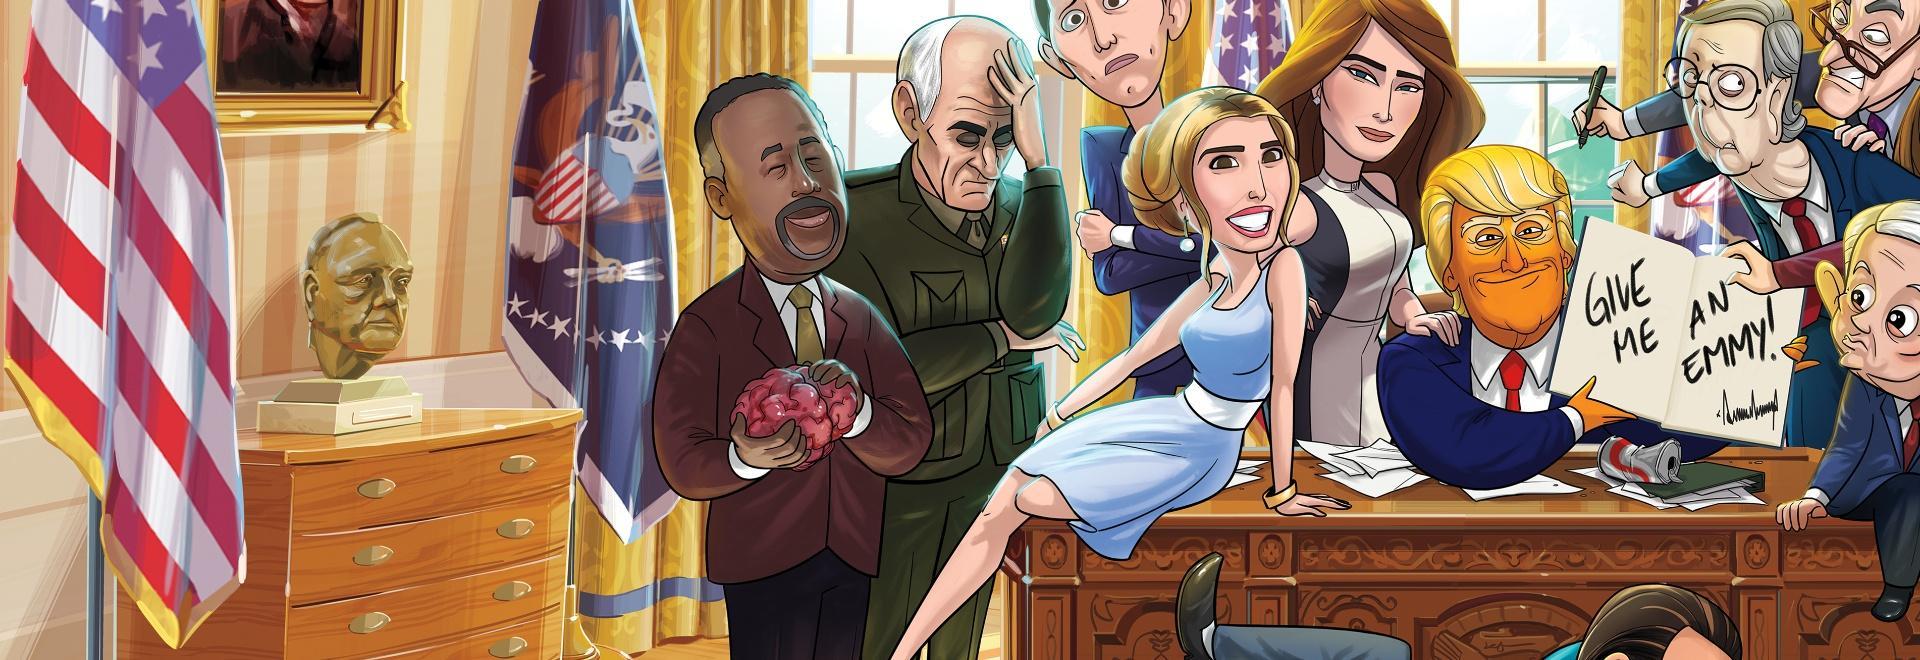 Ridimensionando Obama